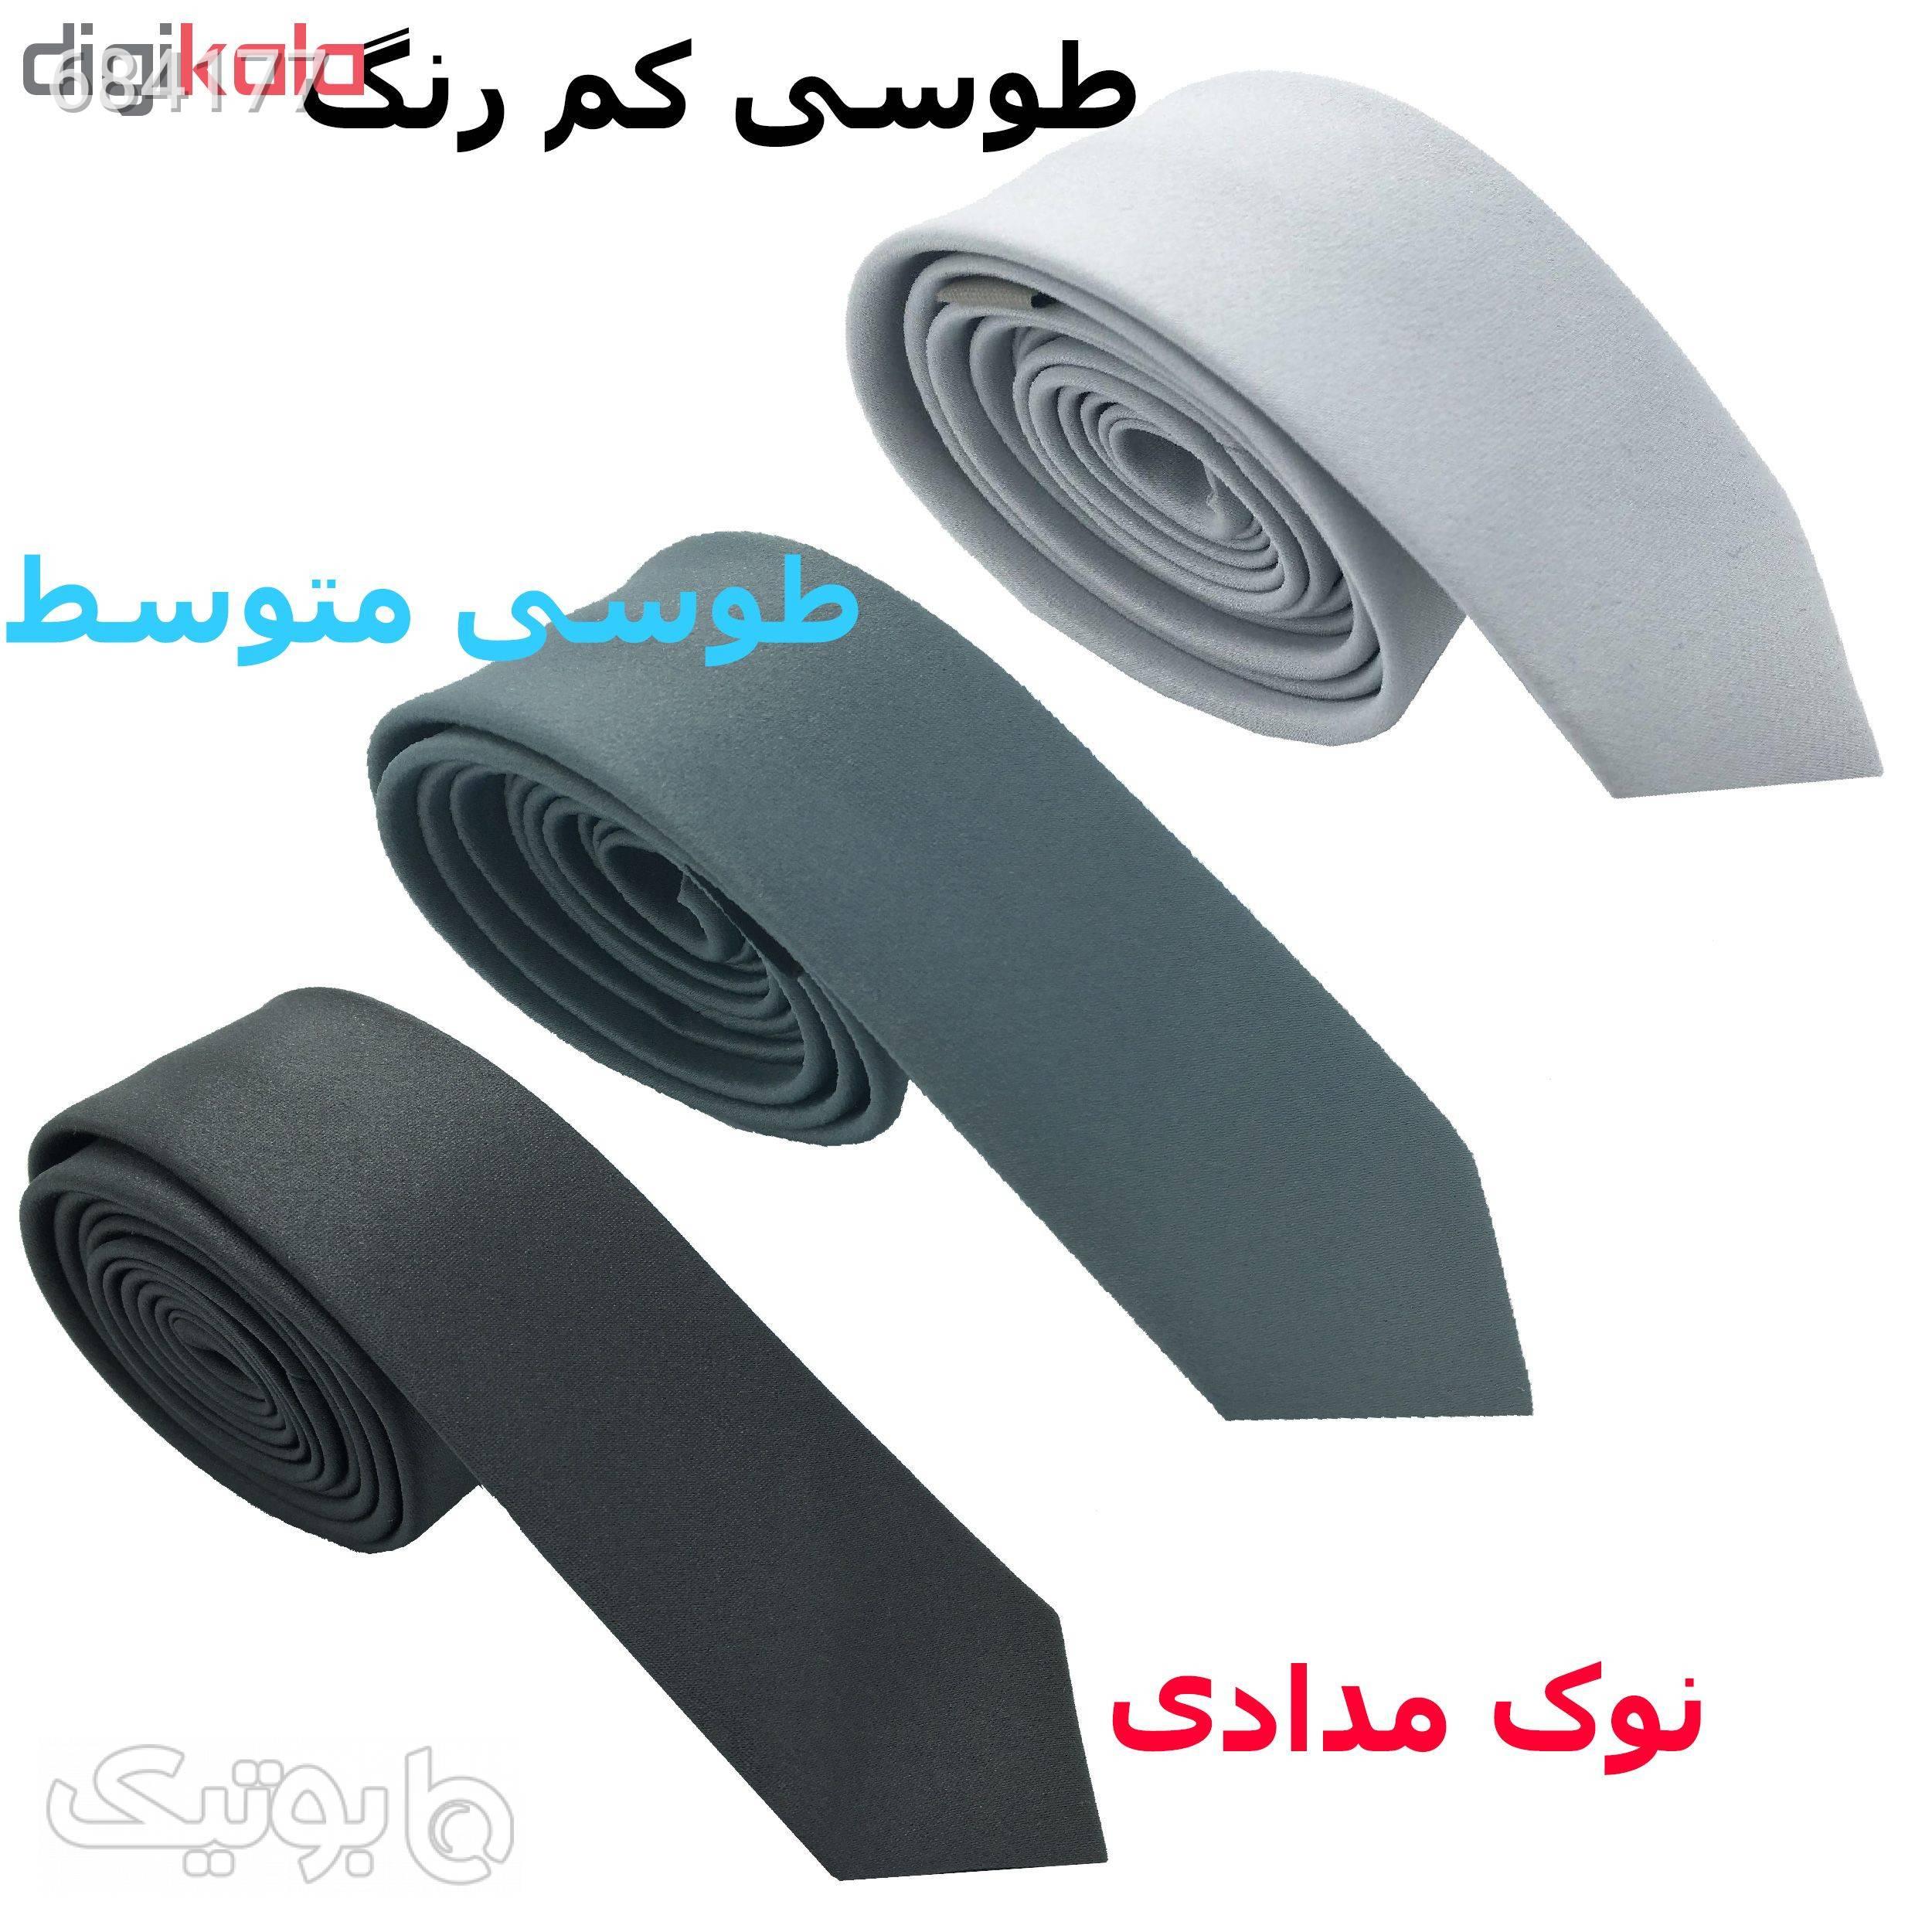 کراوات مردانه هکس ایران مدل OMTS مجموعه 3 عددی طوسی كراوات و پاپيون